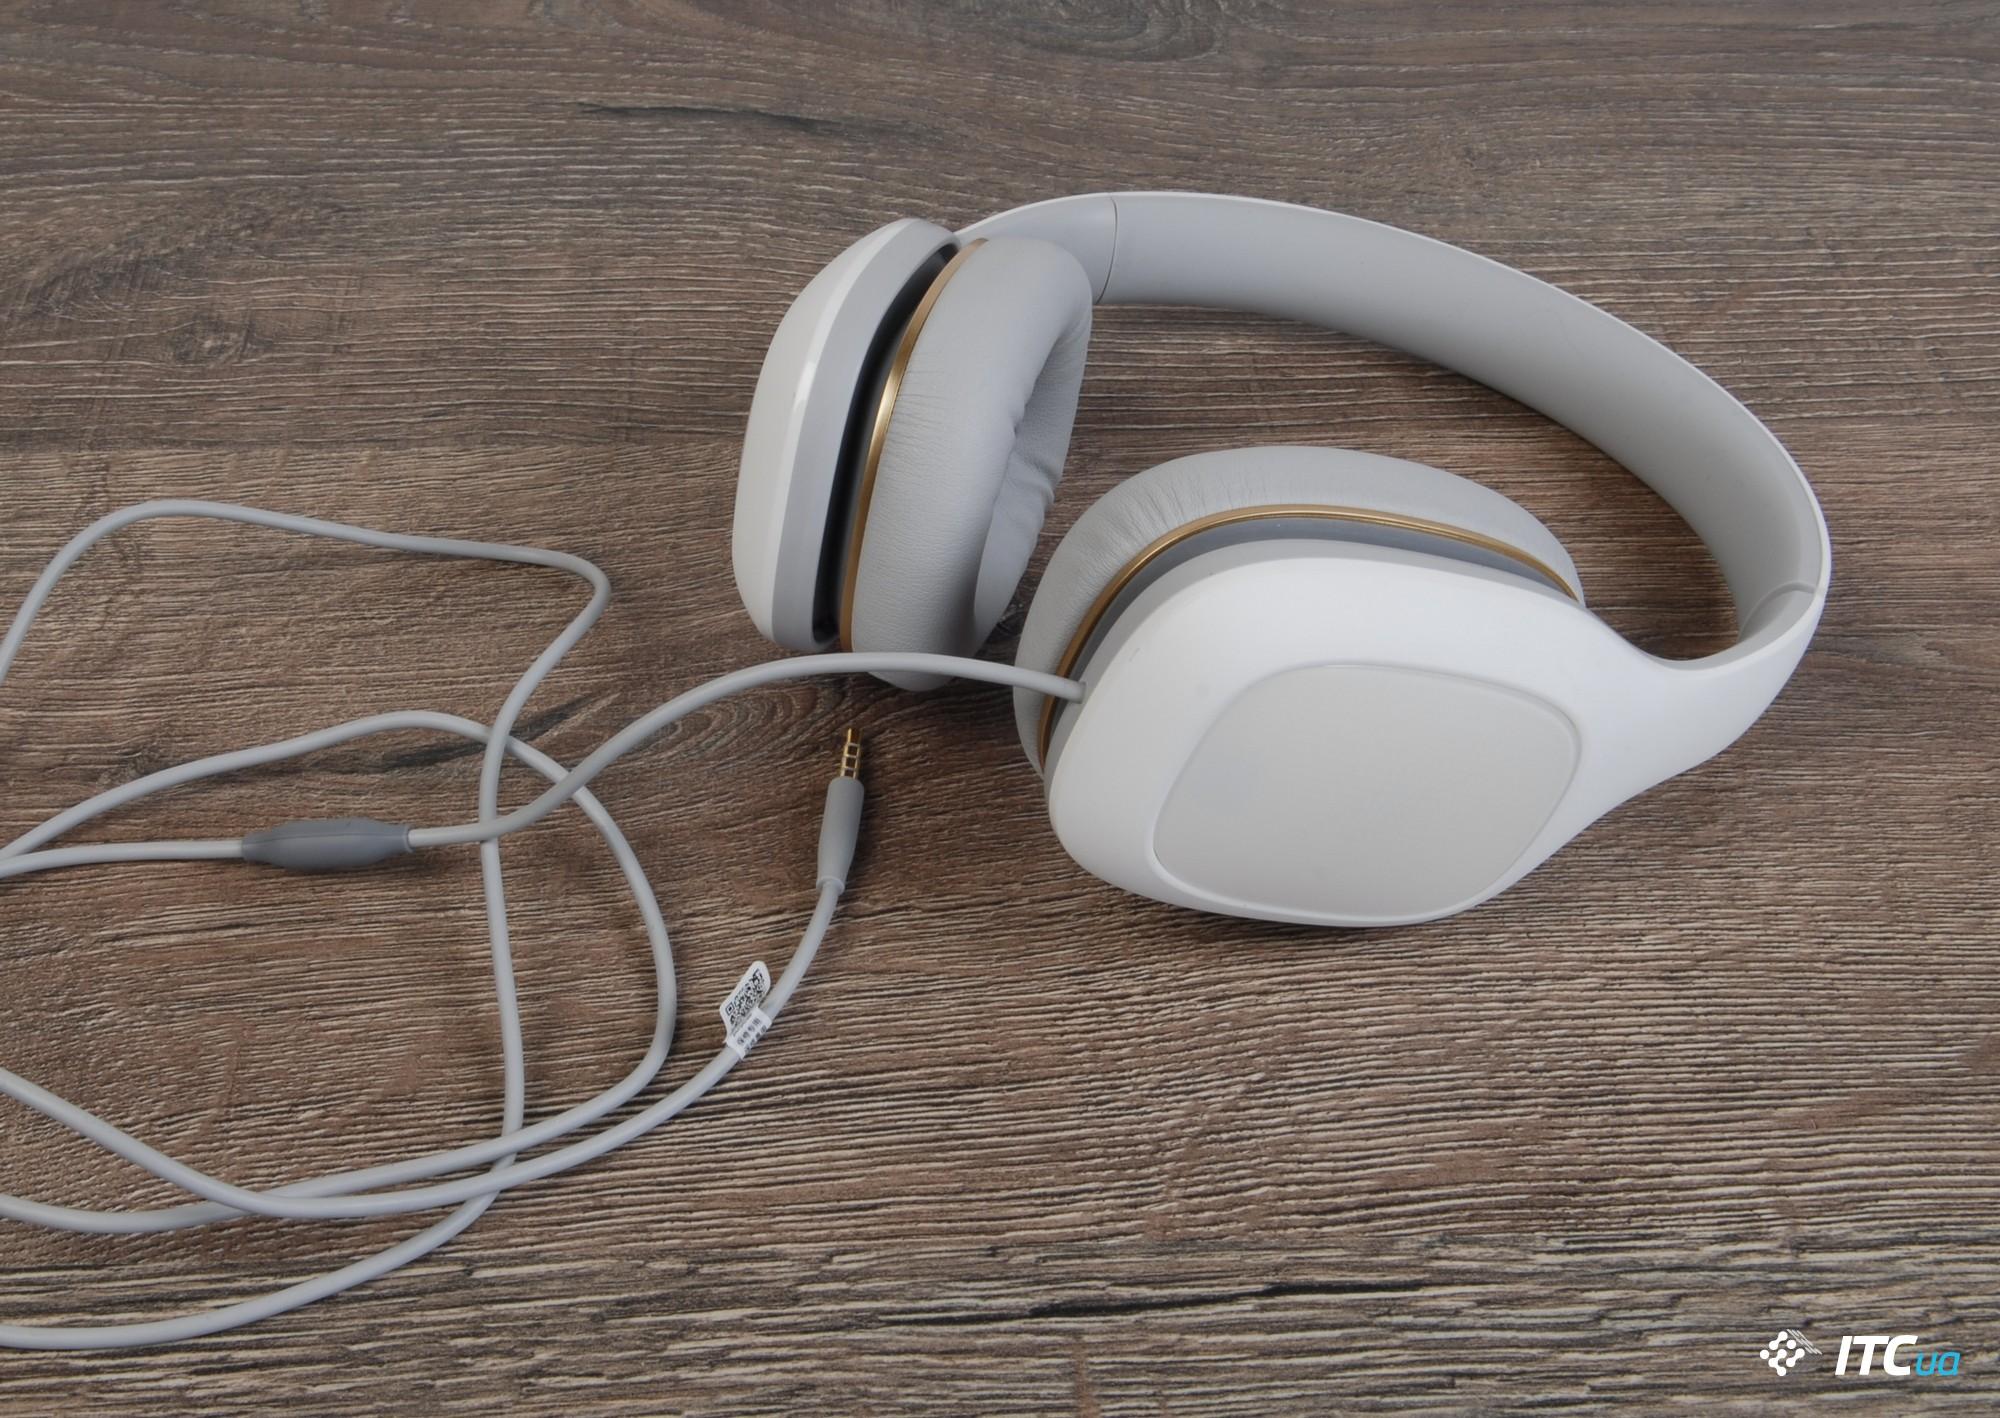 Mi Headphones Comfort  обзор комфортных наушников - ITC.ua 6d4340675b57b